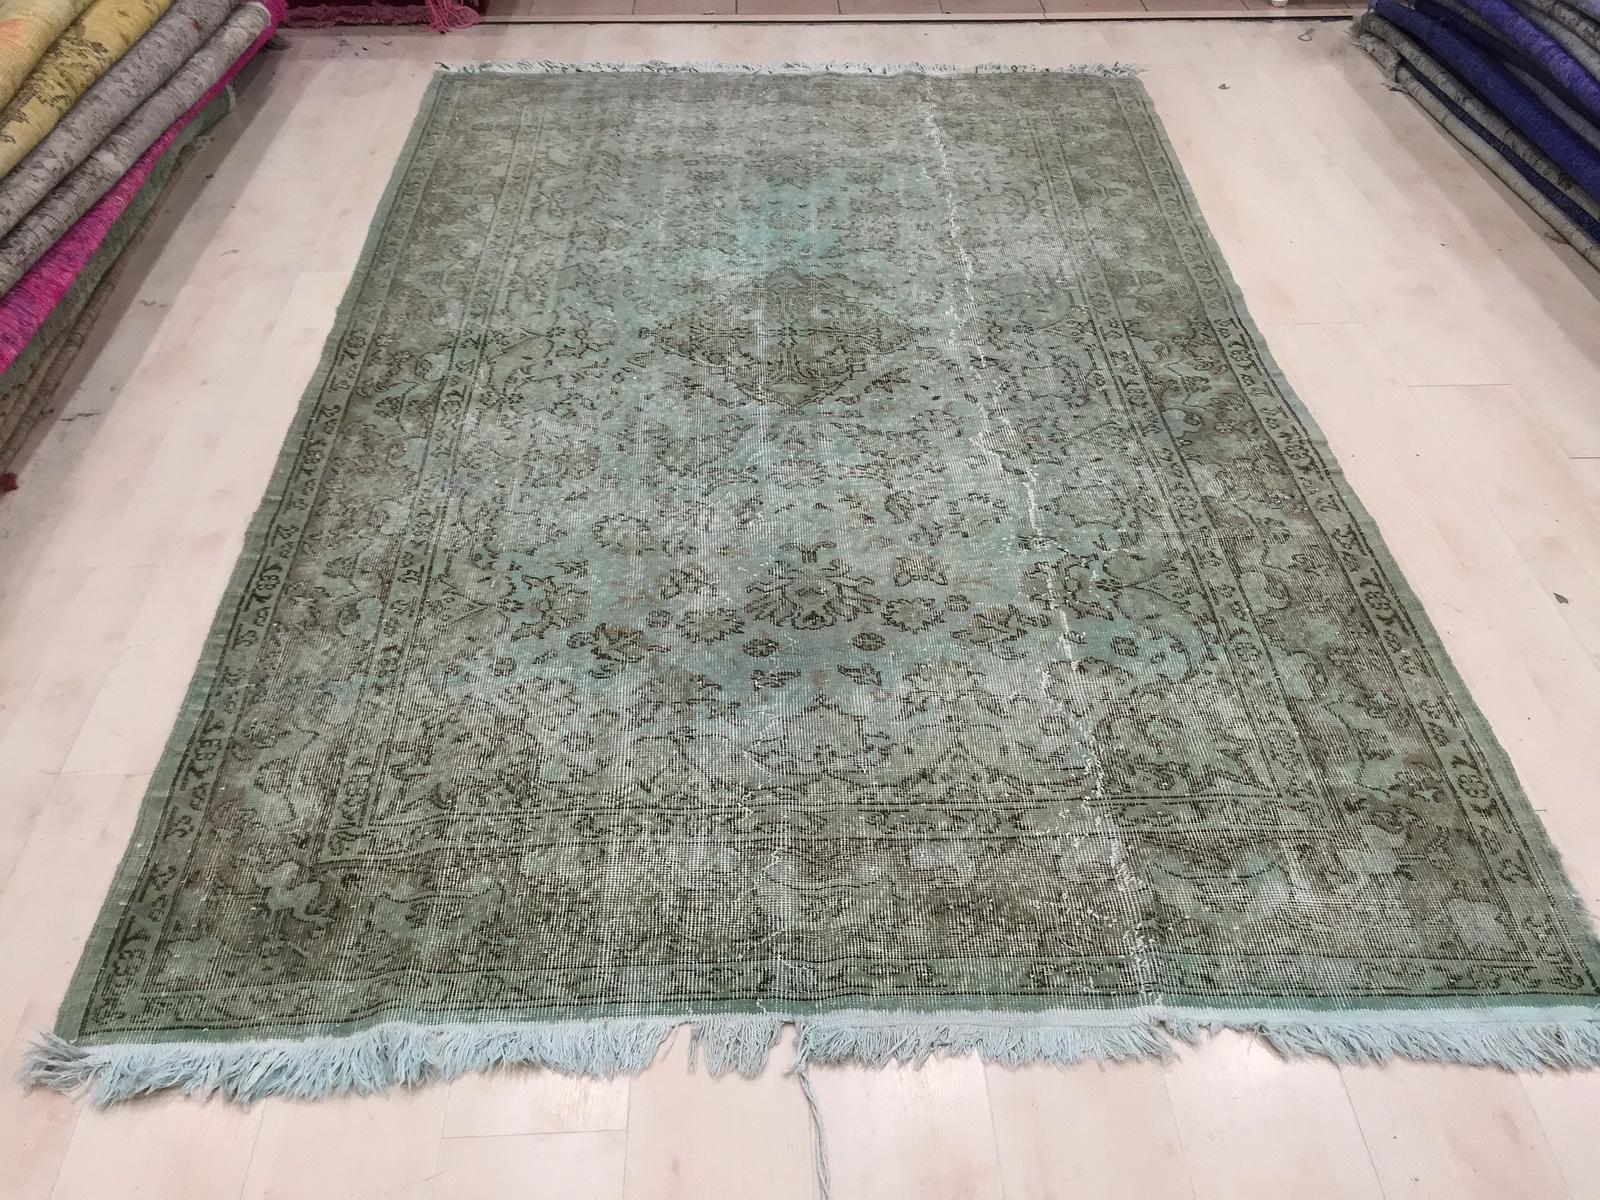 Recoloured  vintage vloerkleed  uit Turkije 272cm x 173cm , no 1161